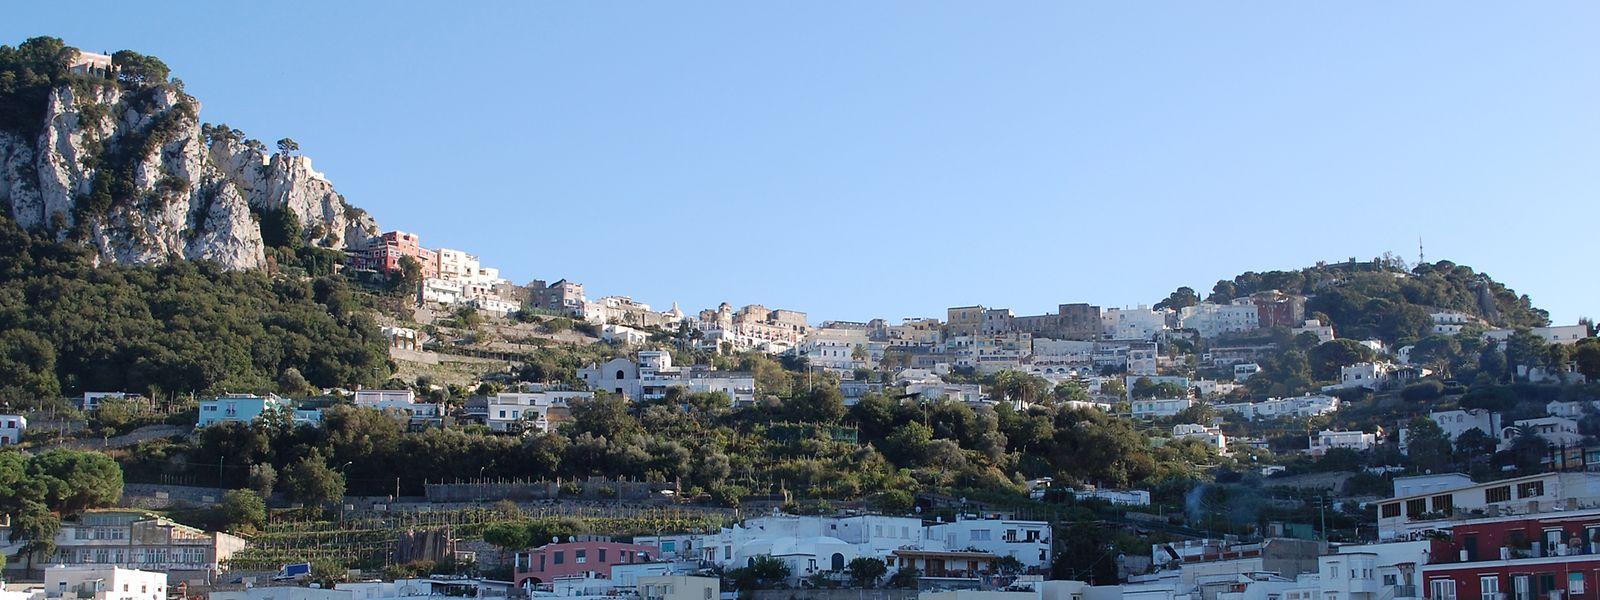 Der Hafen Marina Grande am Hauptort Capri auf der gleichnamigen italienischen Insel.